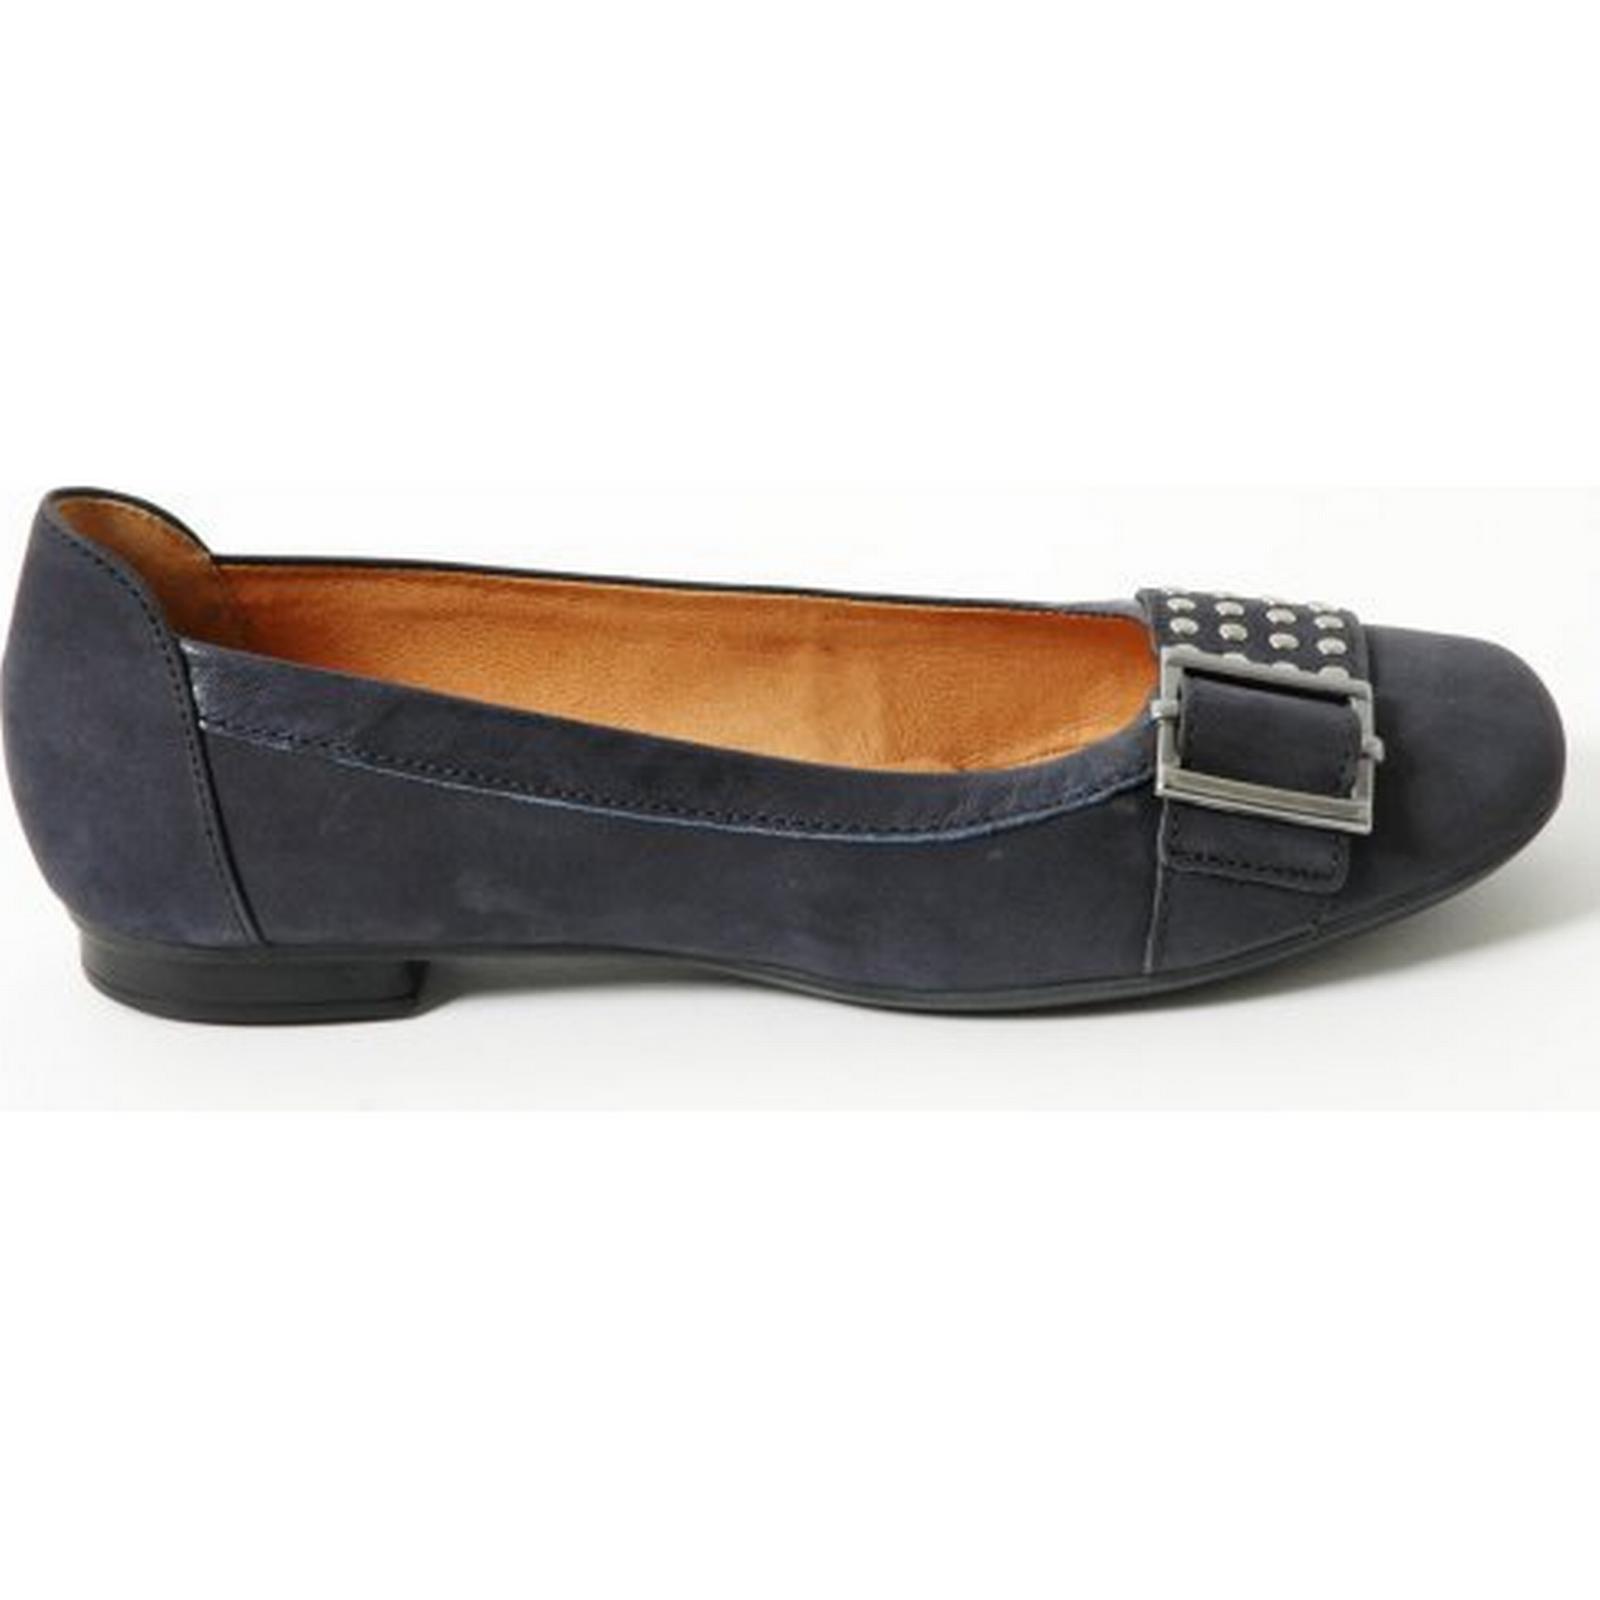 Gabor womens Pailor womens Gabor flat shoe Size: 4.5, Colour: NAVY 88a254